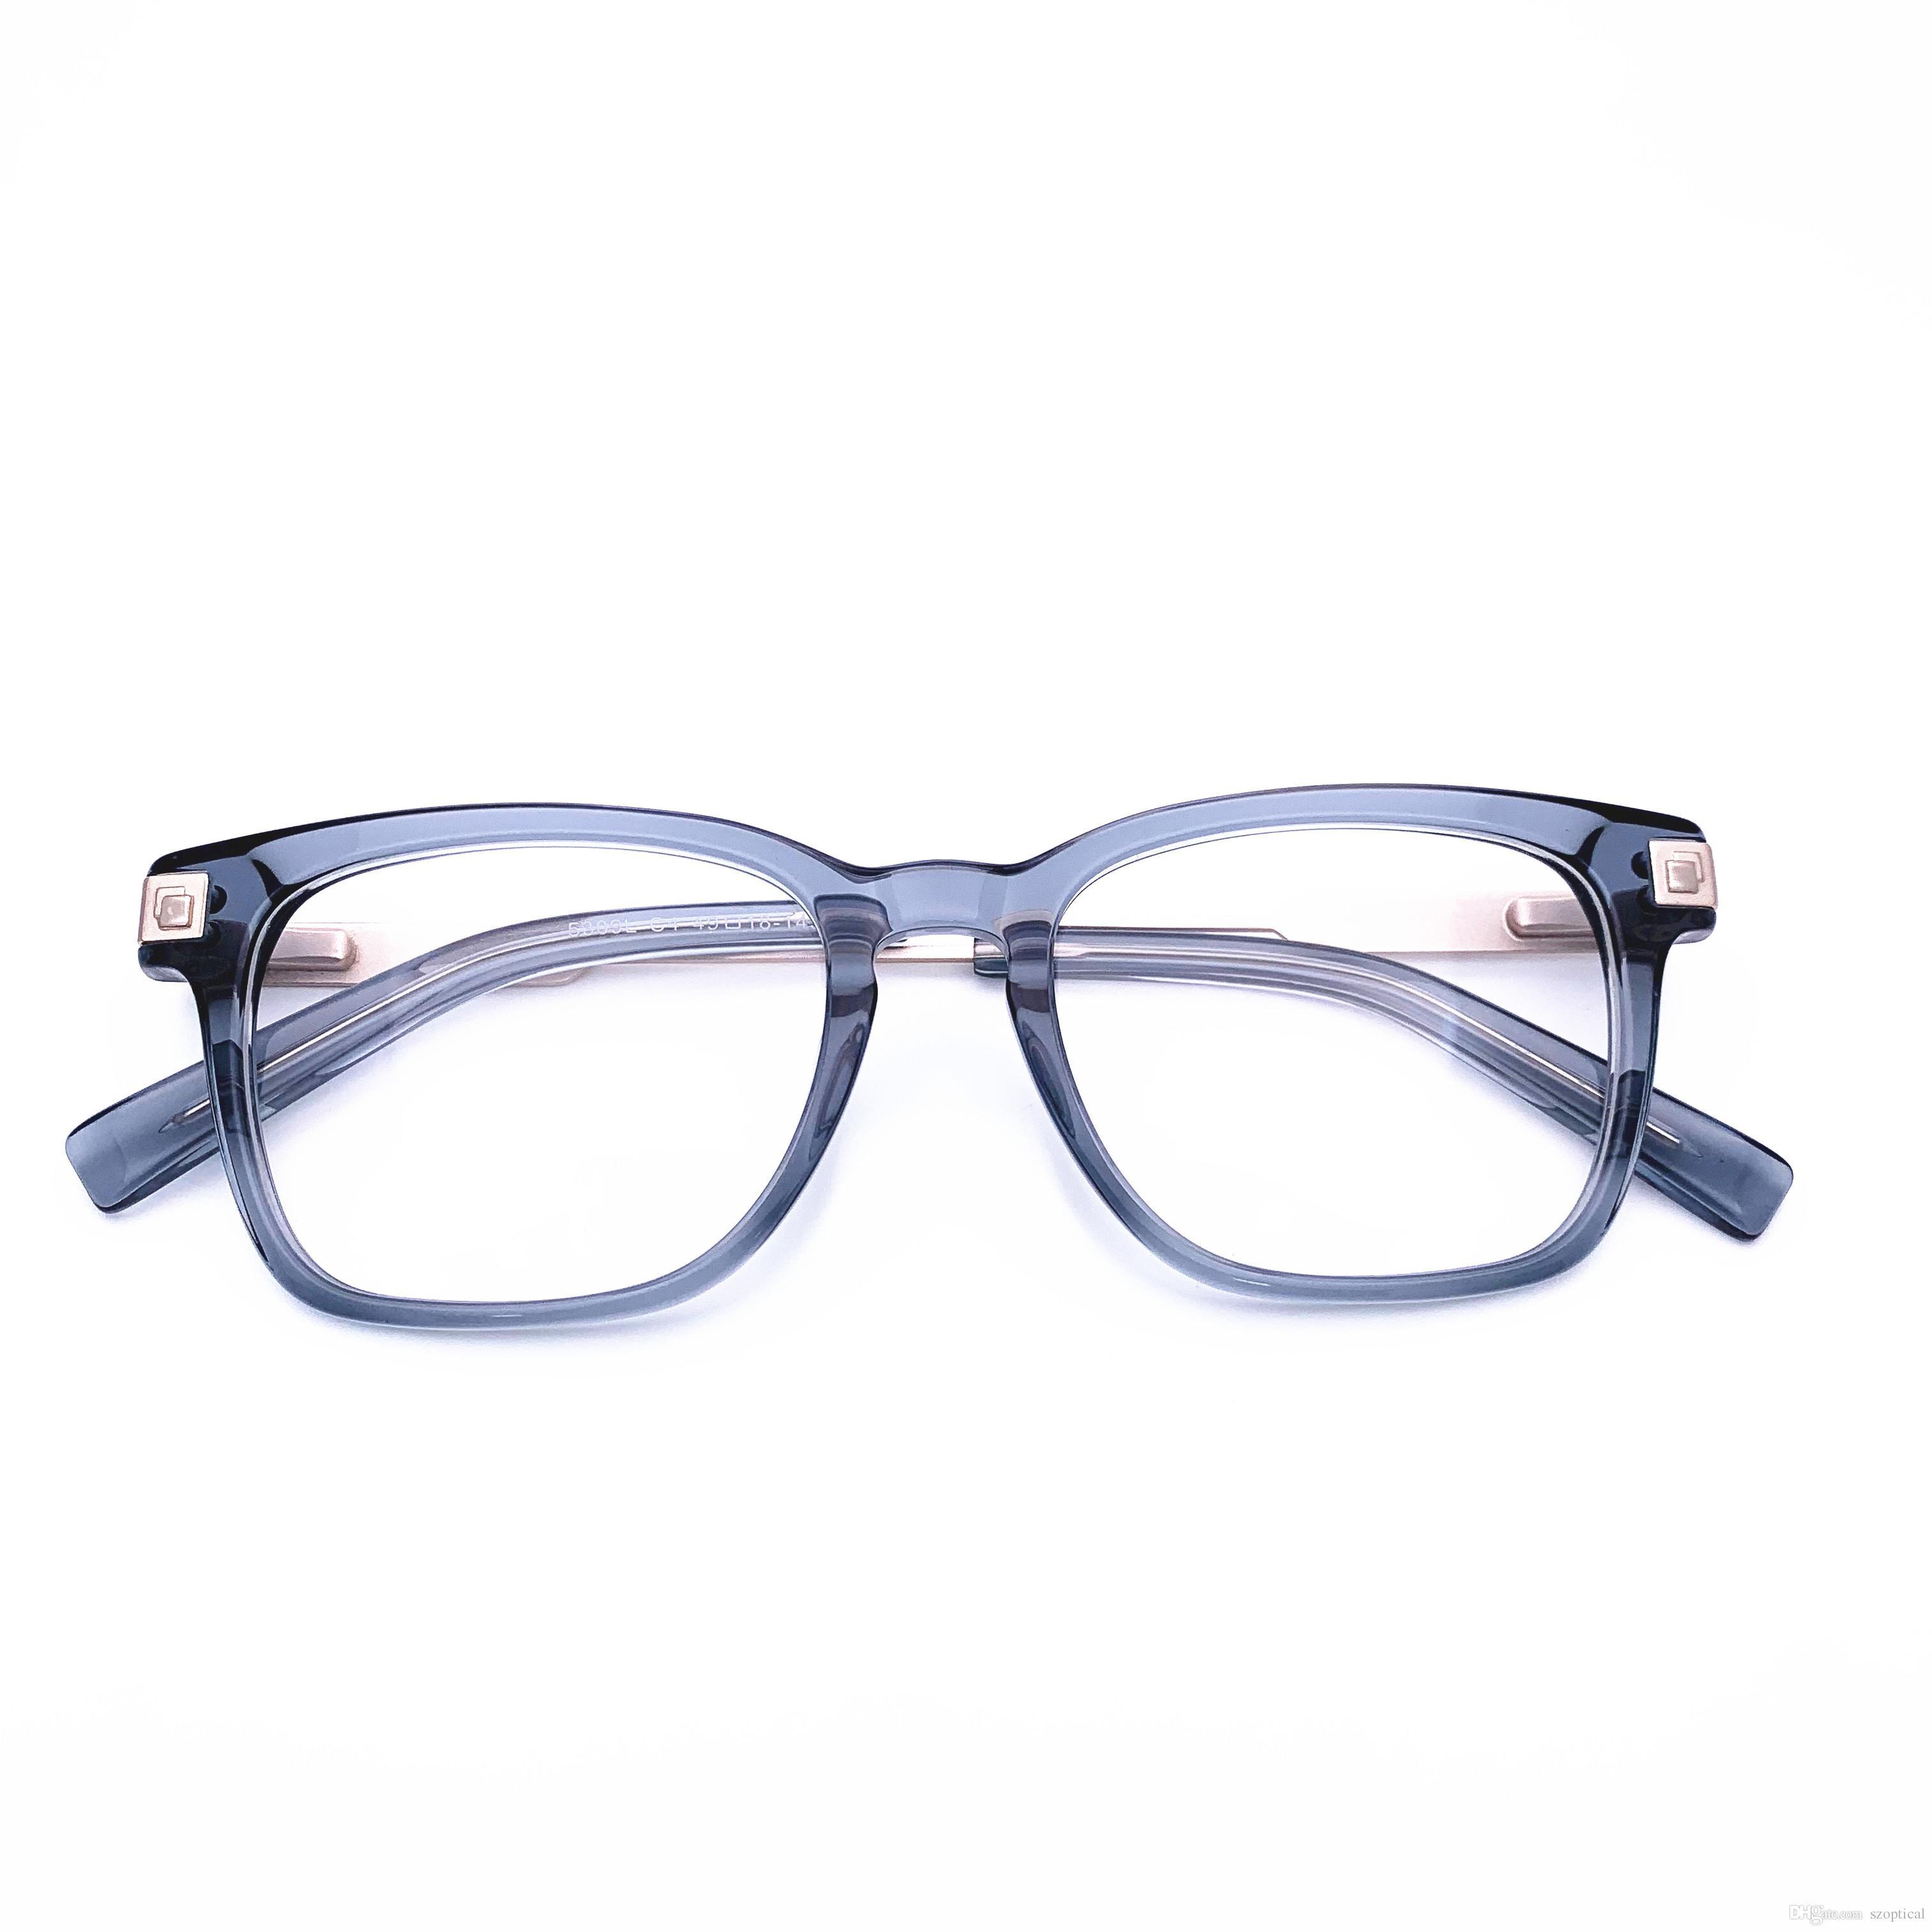 BeLight Optical Design As mulheres Praça Mens forma de acetato de qualidade superior frame ótico espetáculo quadro claro óptica lentes de prescrição 5309